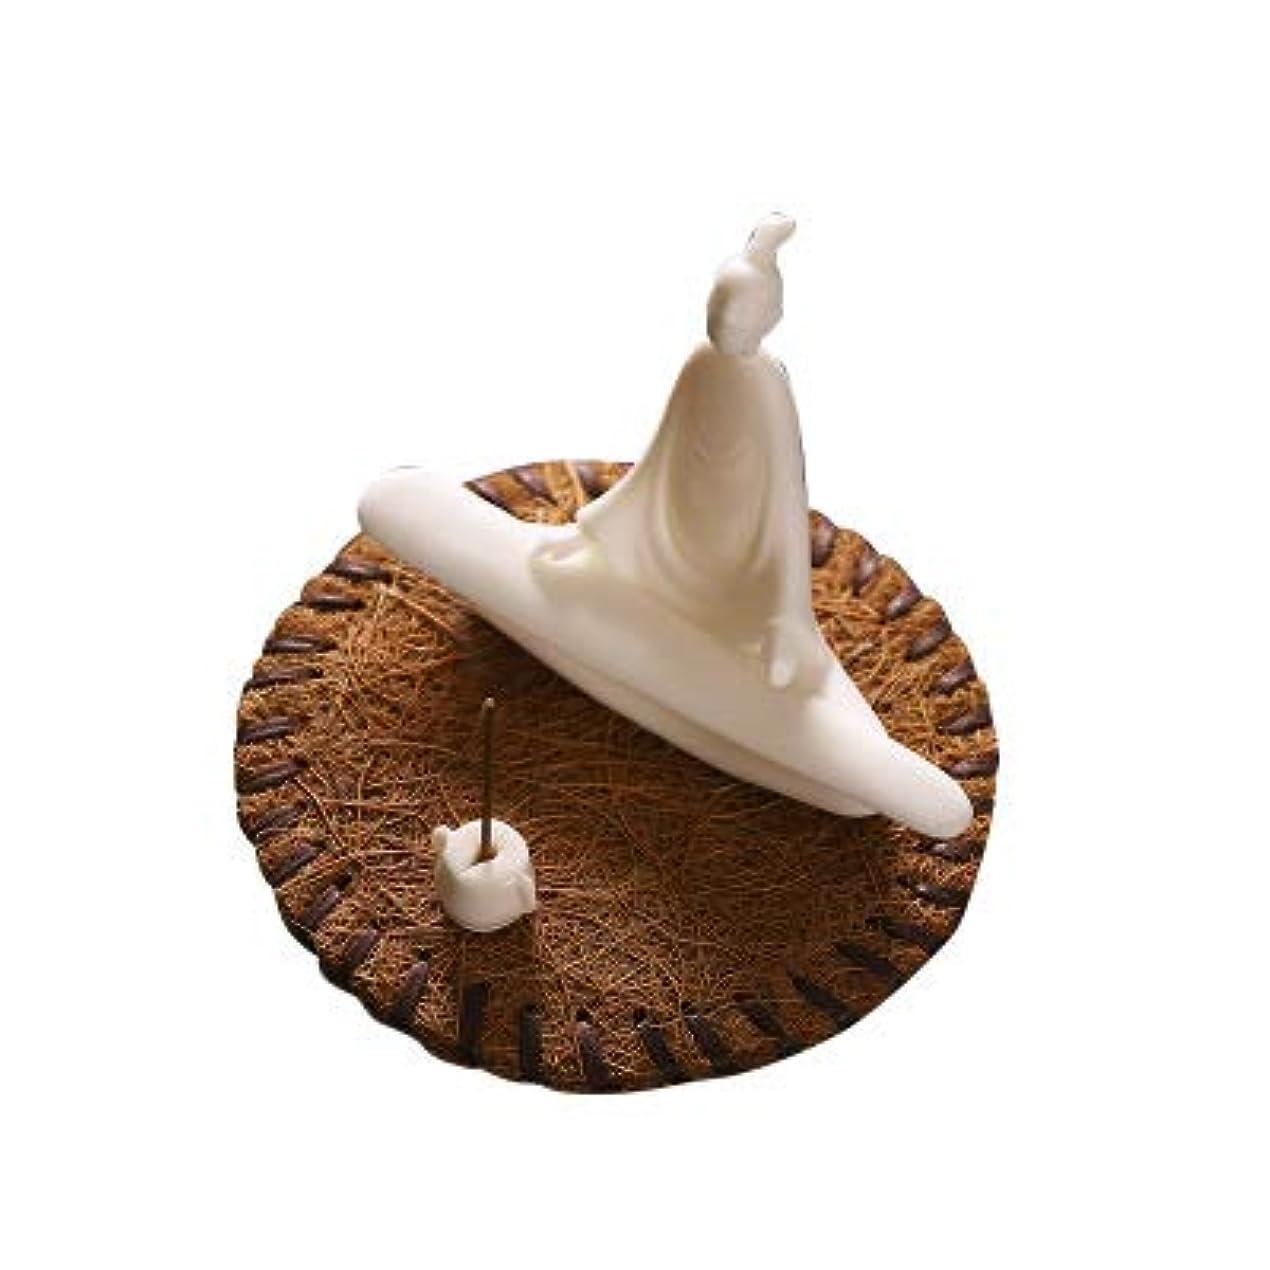 用語集祖先種をまくPHILOGOD 線香立て 陶器香炉弾く琵琶スタイリング仏壇用香置物 香皿